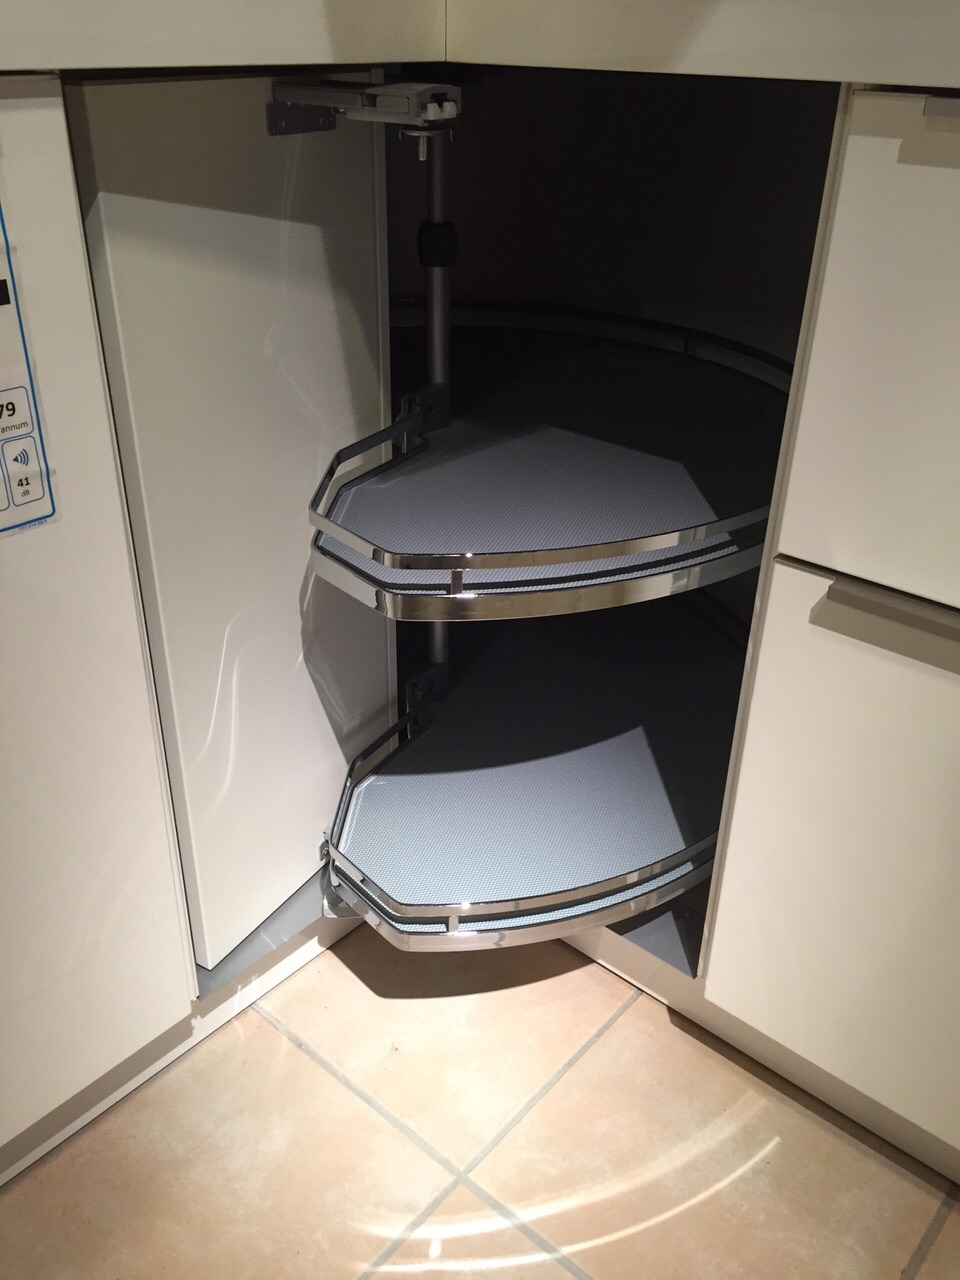 Full Size of Küchen Eckschrank Rondell Kostenintensive Praktische Planungselemente Kchen Info Schlafzimmer Bad Küche Regal Wohnzimmer Küchen Eckschrank Rondell